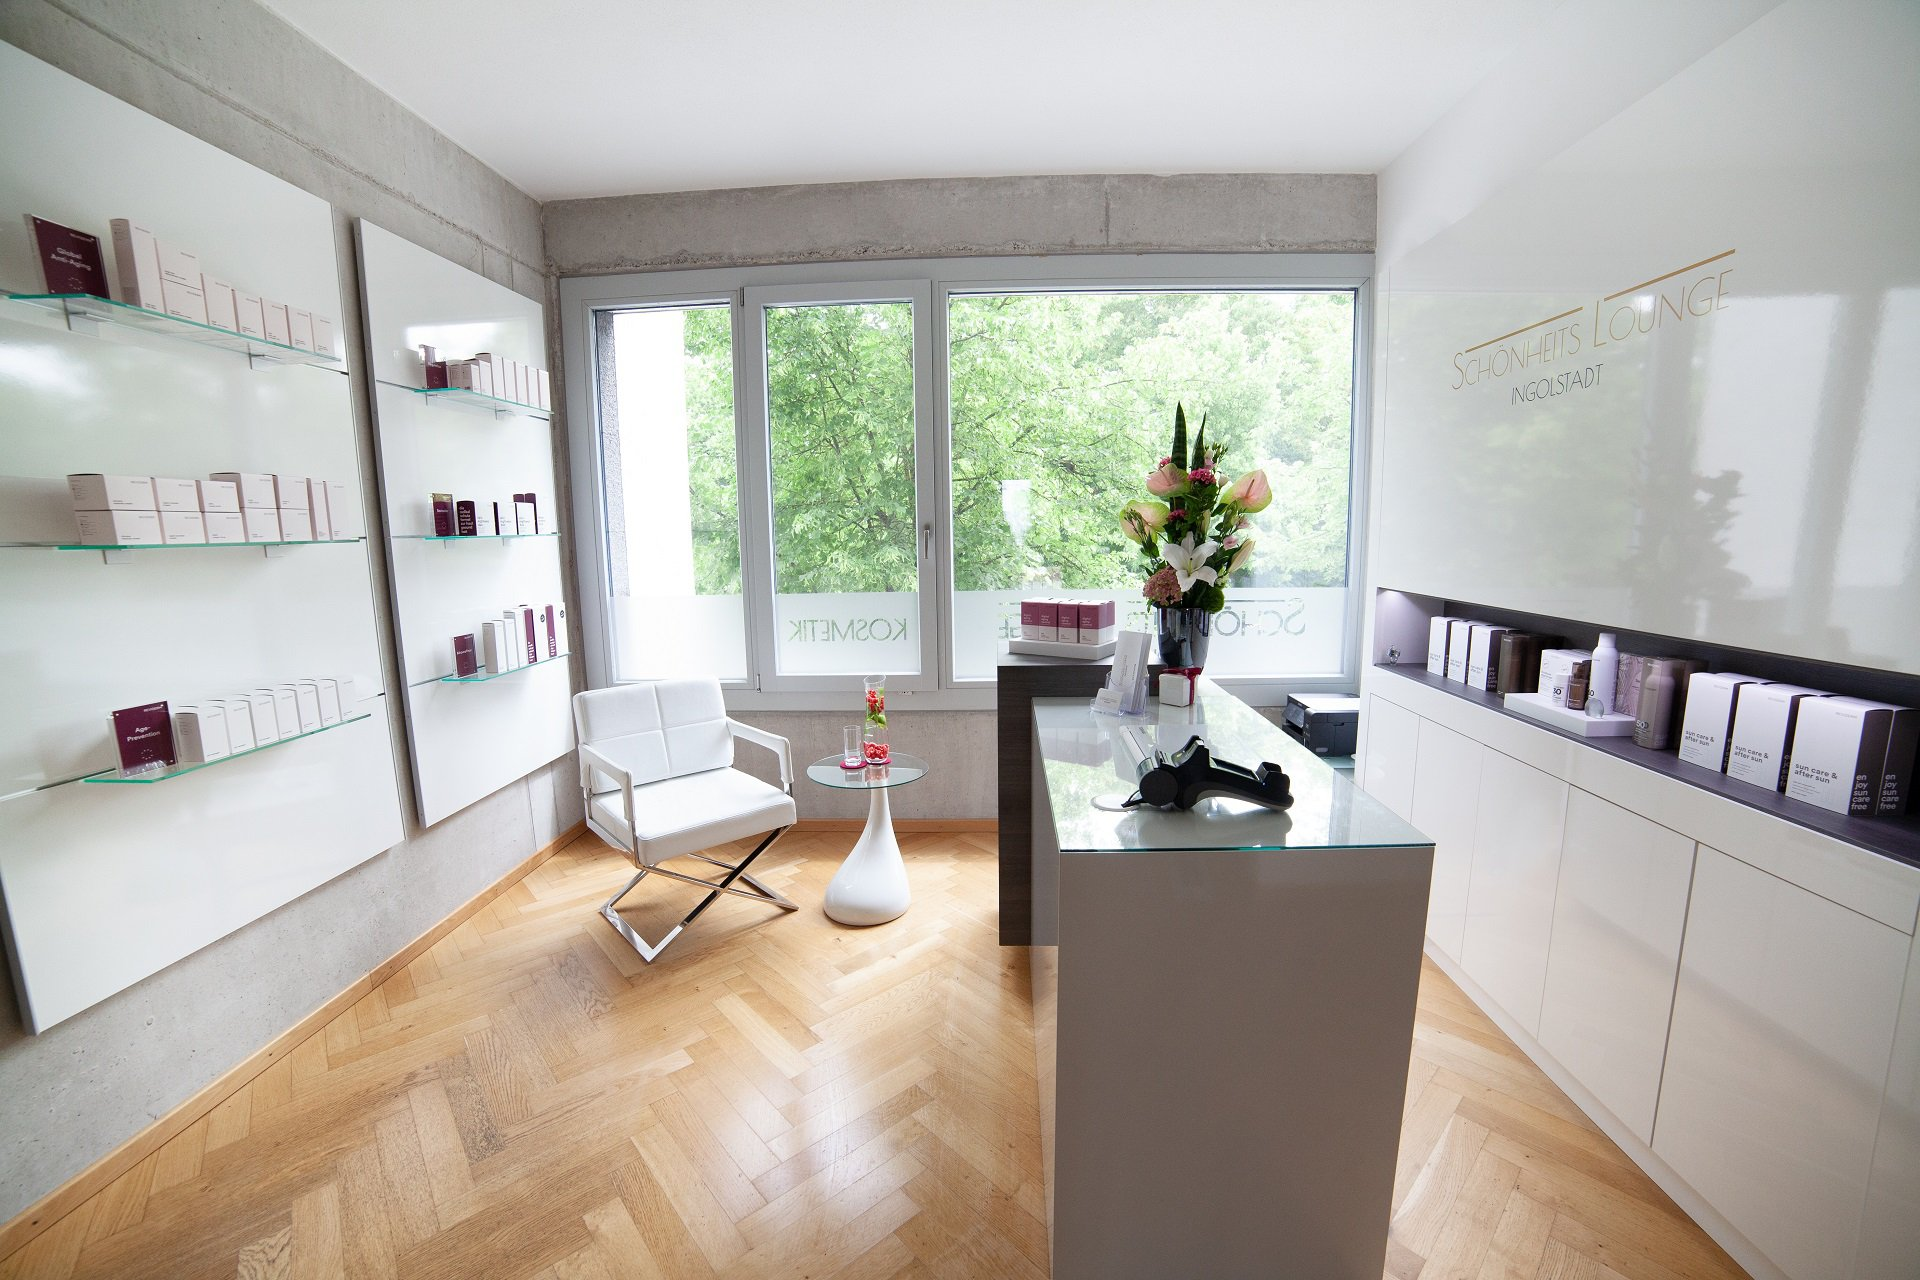 Schönheitslounge Ingolstadt